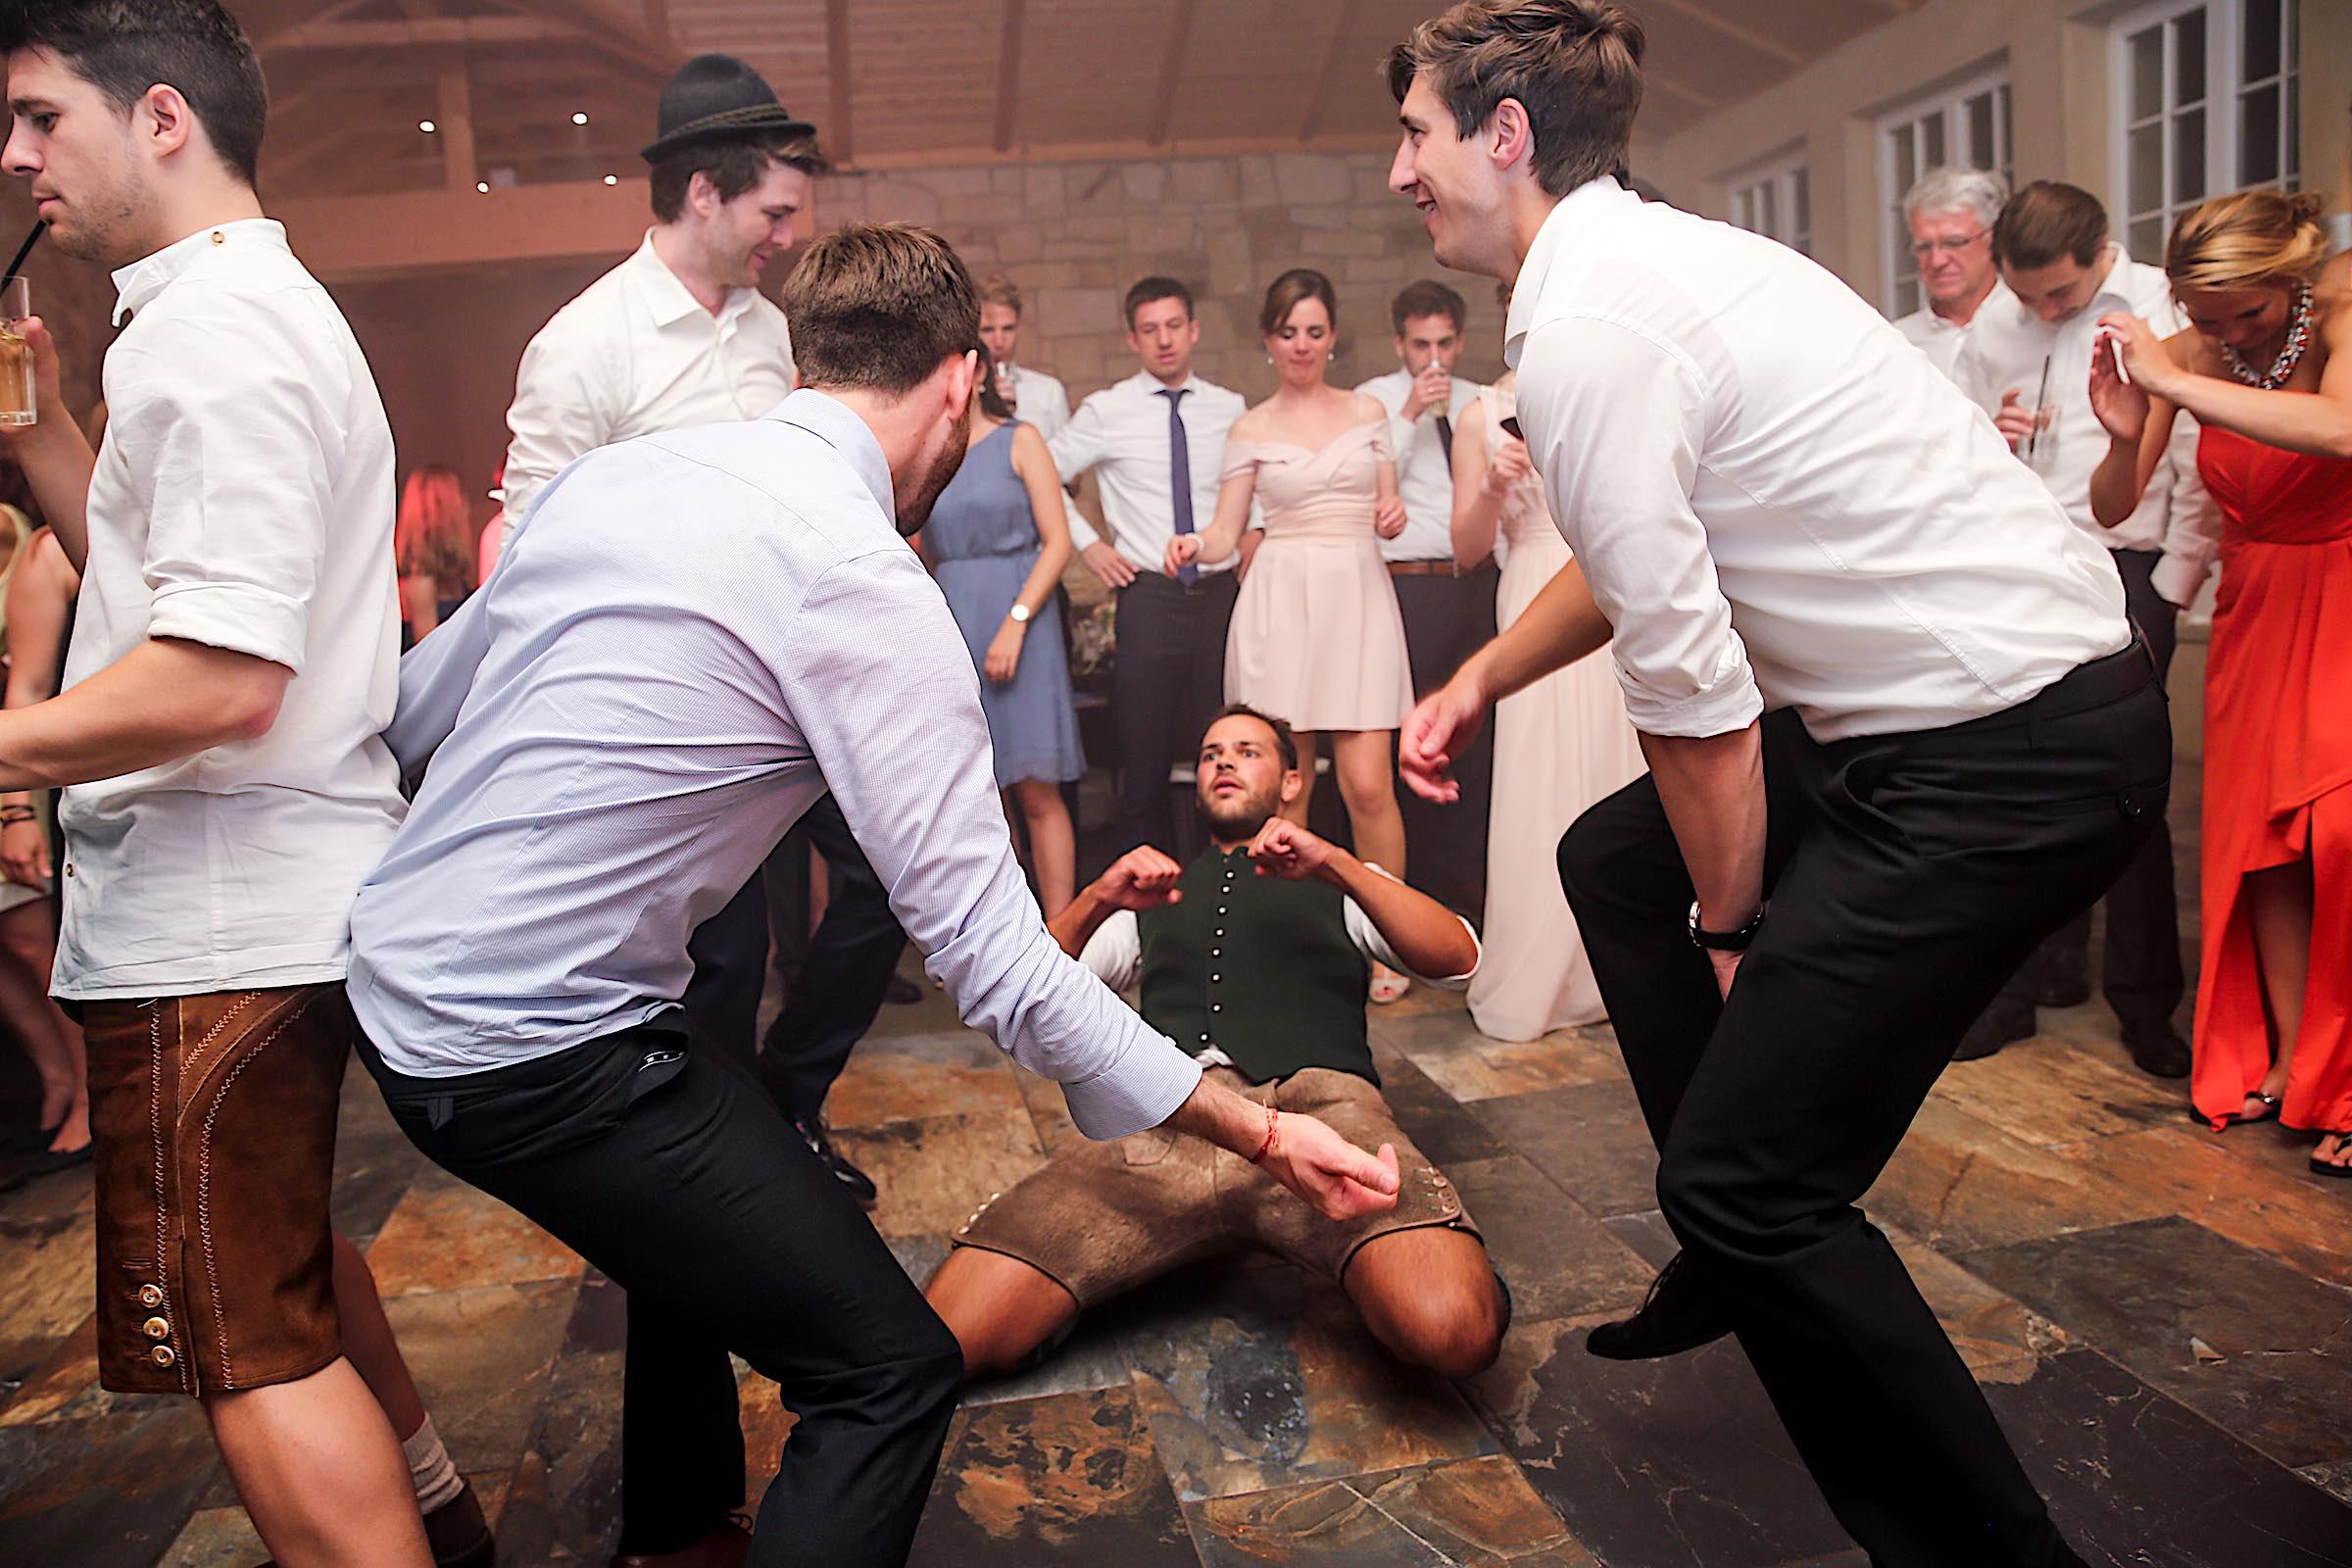 Schloss   Hammerstein   Apelern   Hochzeit   Geburtstag   Firmenfeier   Referenz   Location   DJ   Hannover   Fotografie   Party   Tanzfläche   Hochzeitsplanung   Hochzeitsplaner   Lehmann   Eventservice